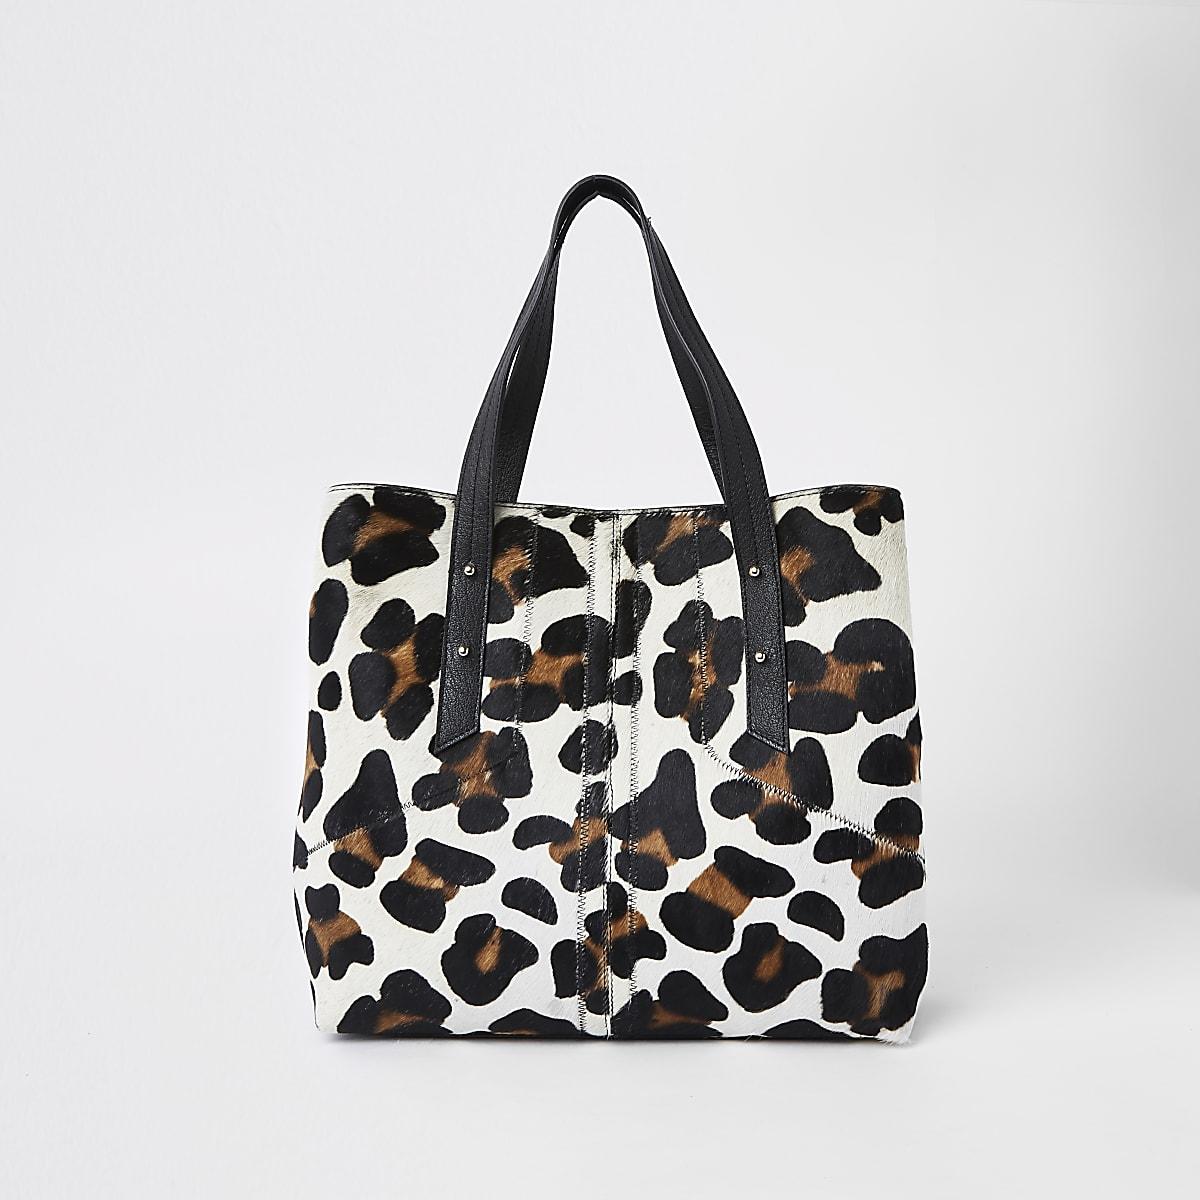 Sac en cuir souple imprimé léopard beige